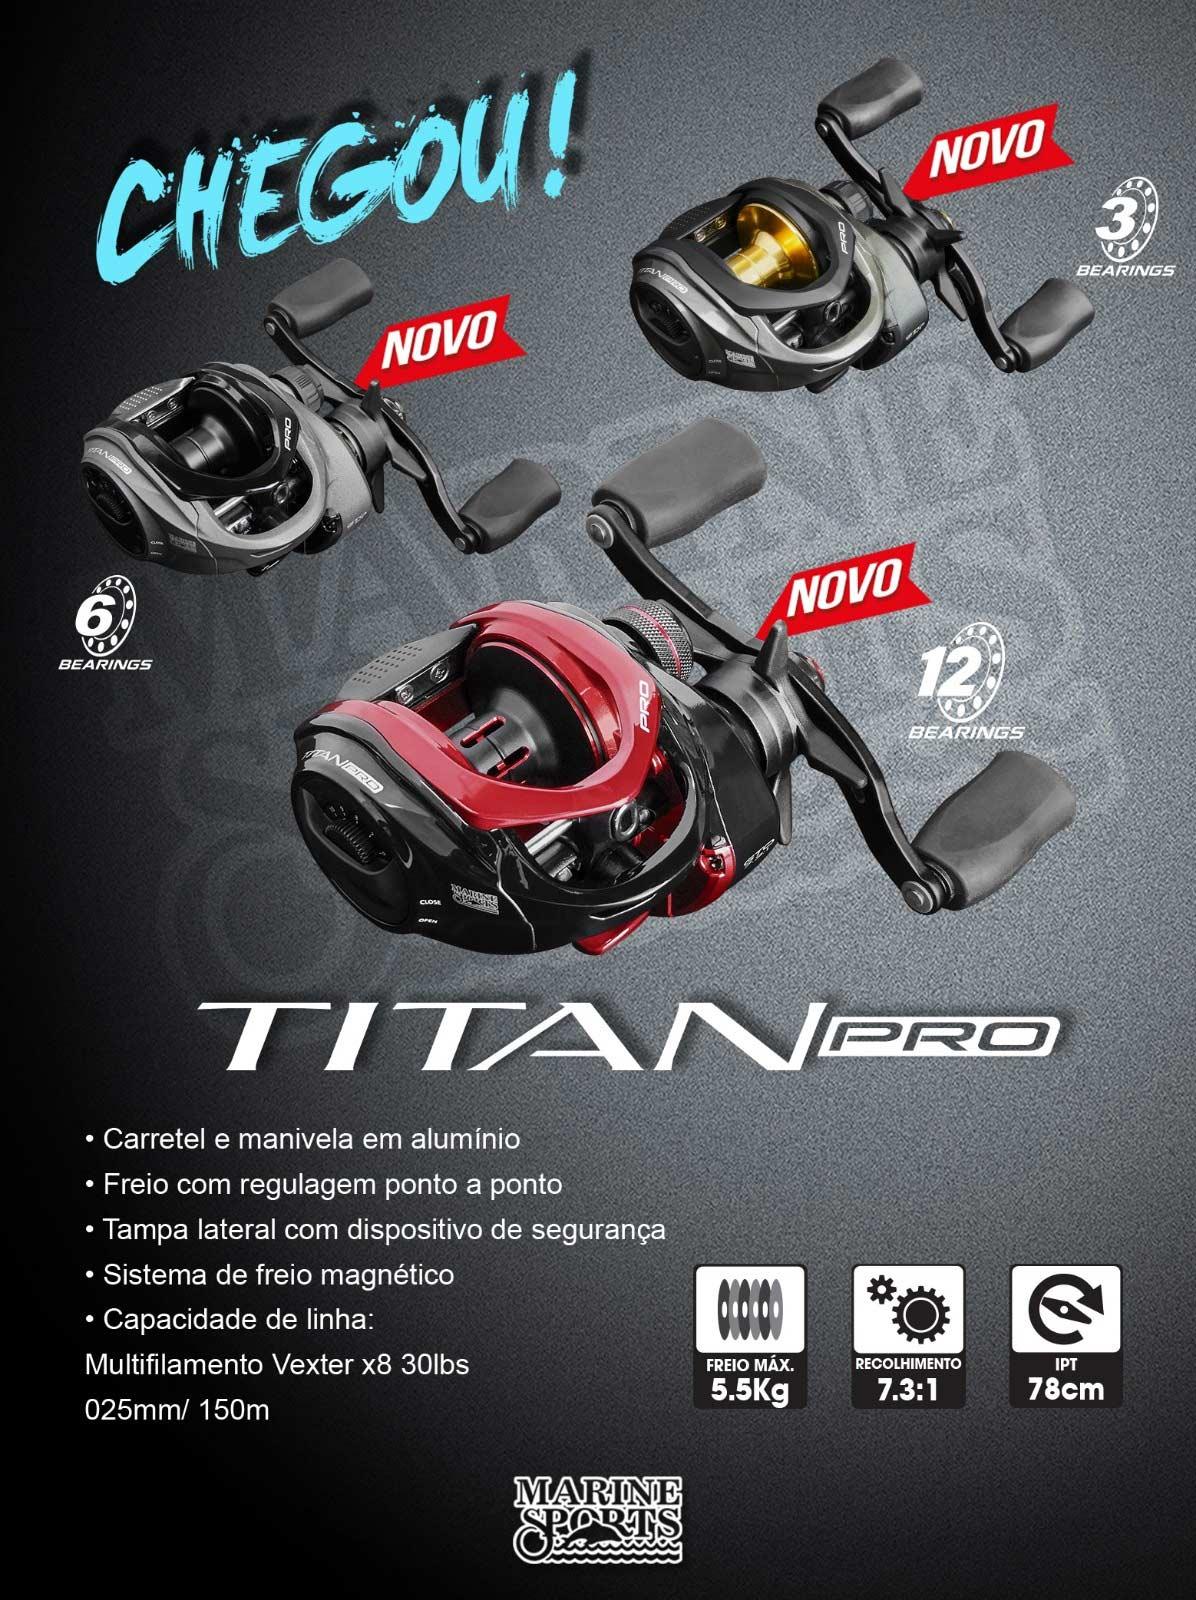 Carretilha Perfil Baixo Marine Sports Titan Pro 3000 - 3 Rolamentos  - Life Pesca - Sua loja de Pesca, Camping e Lazer